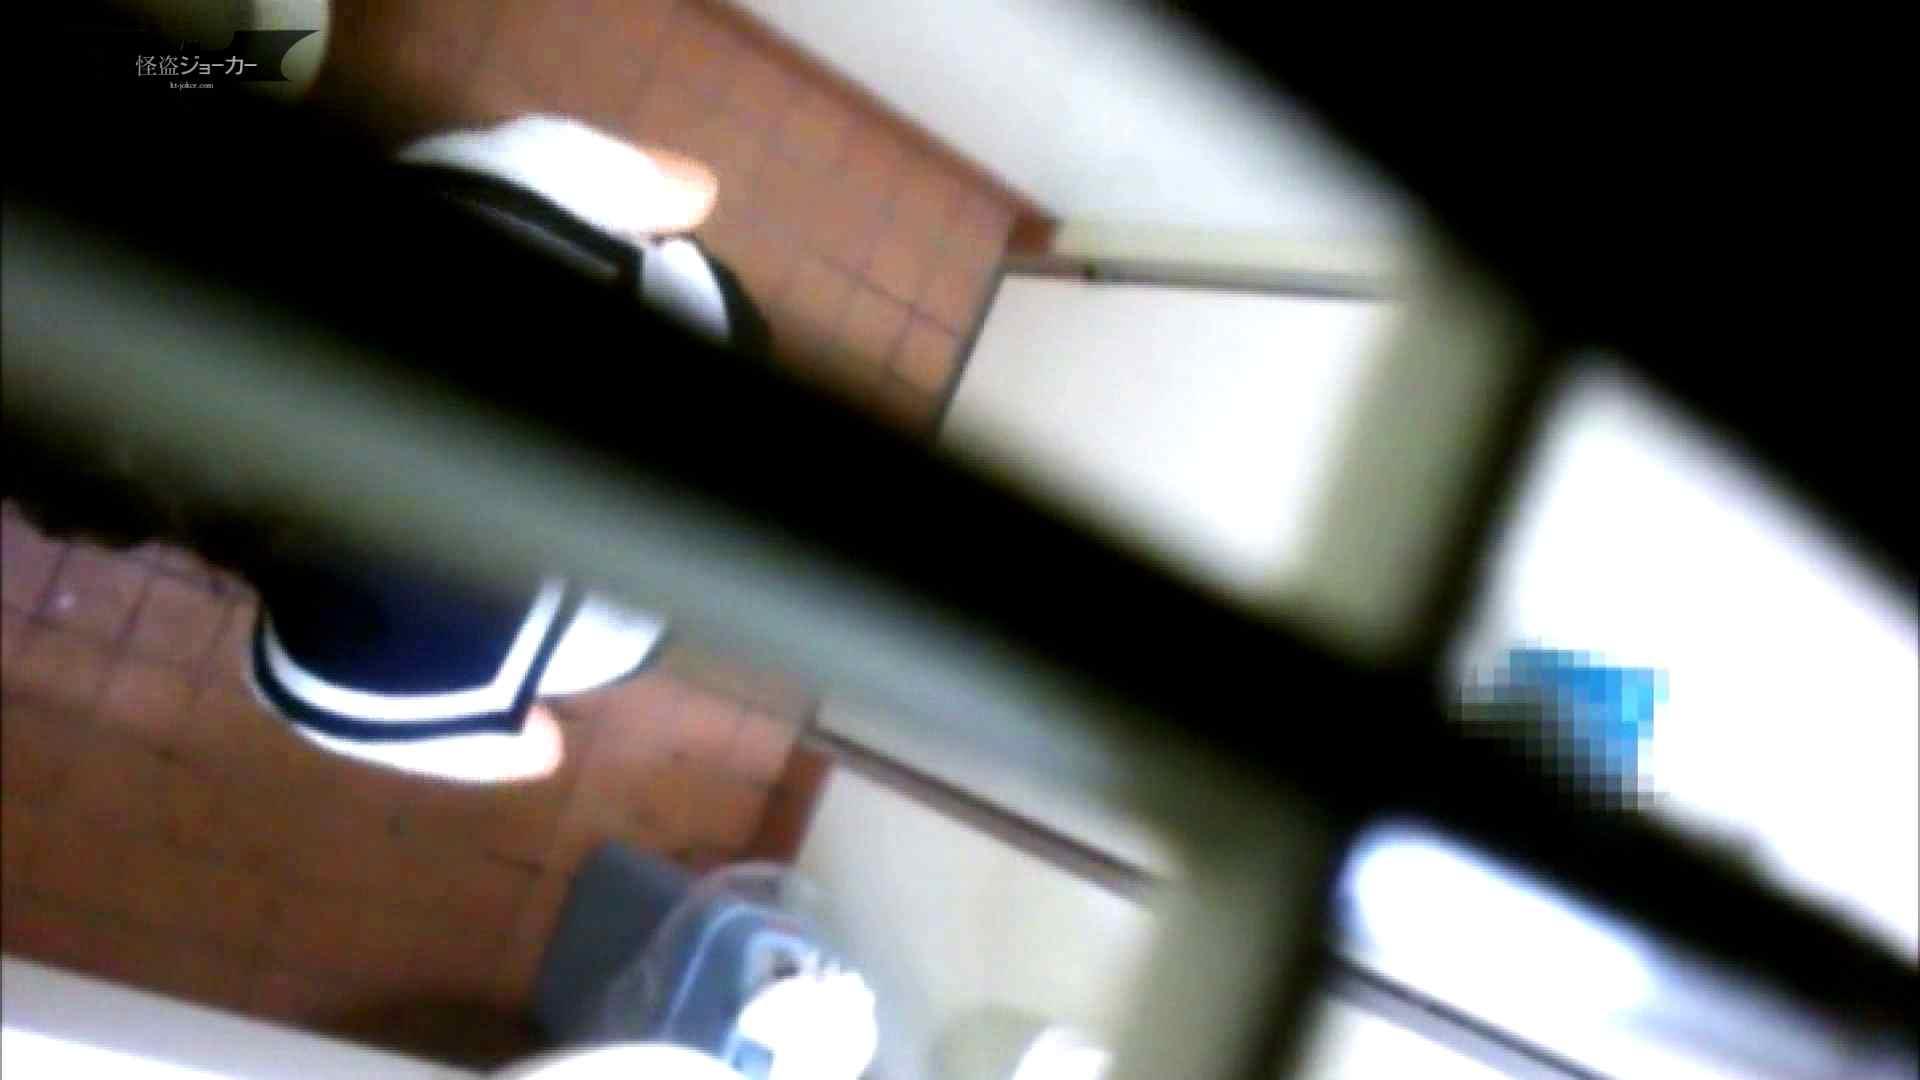 店長代理の盗撮録 Vol.02 制服ばかりをあつめてみました。その2 OL | 盗撮エロすぎ  86連発 85